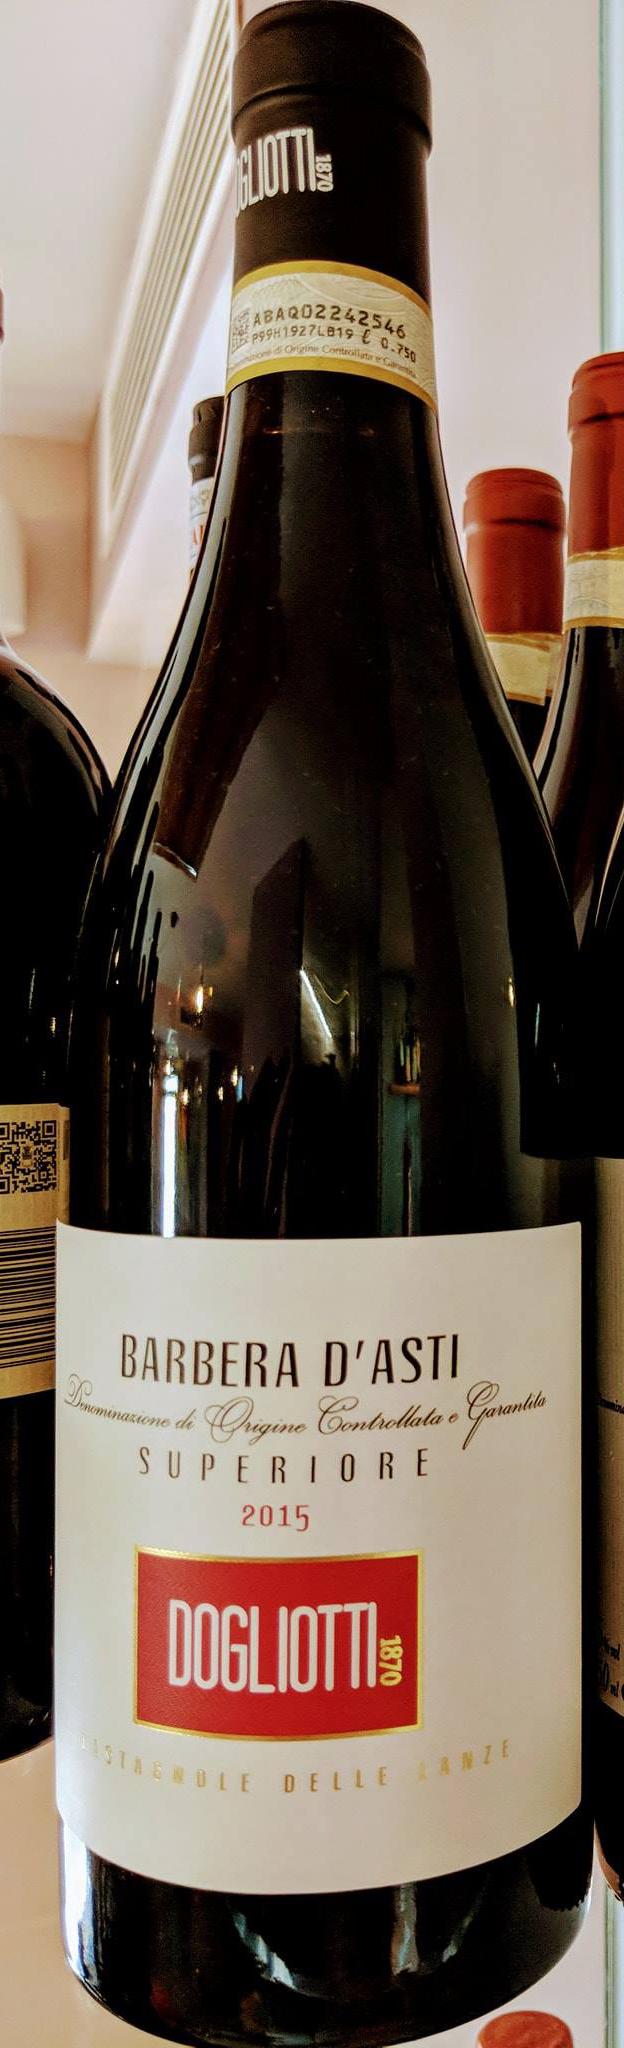 Immagine che contiene bottiglia, interni, vino, alcoolDescrizione generata automaticamente